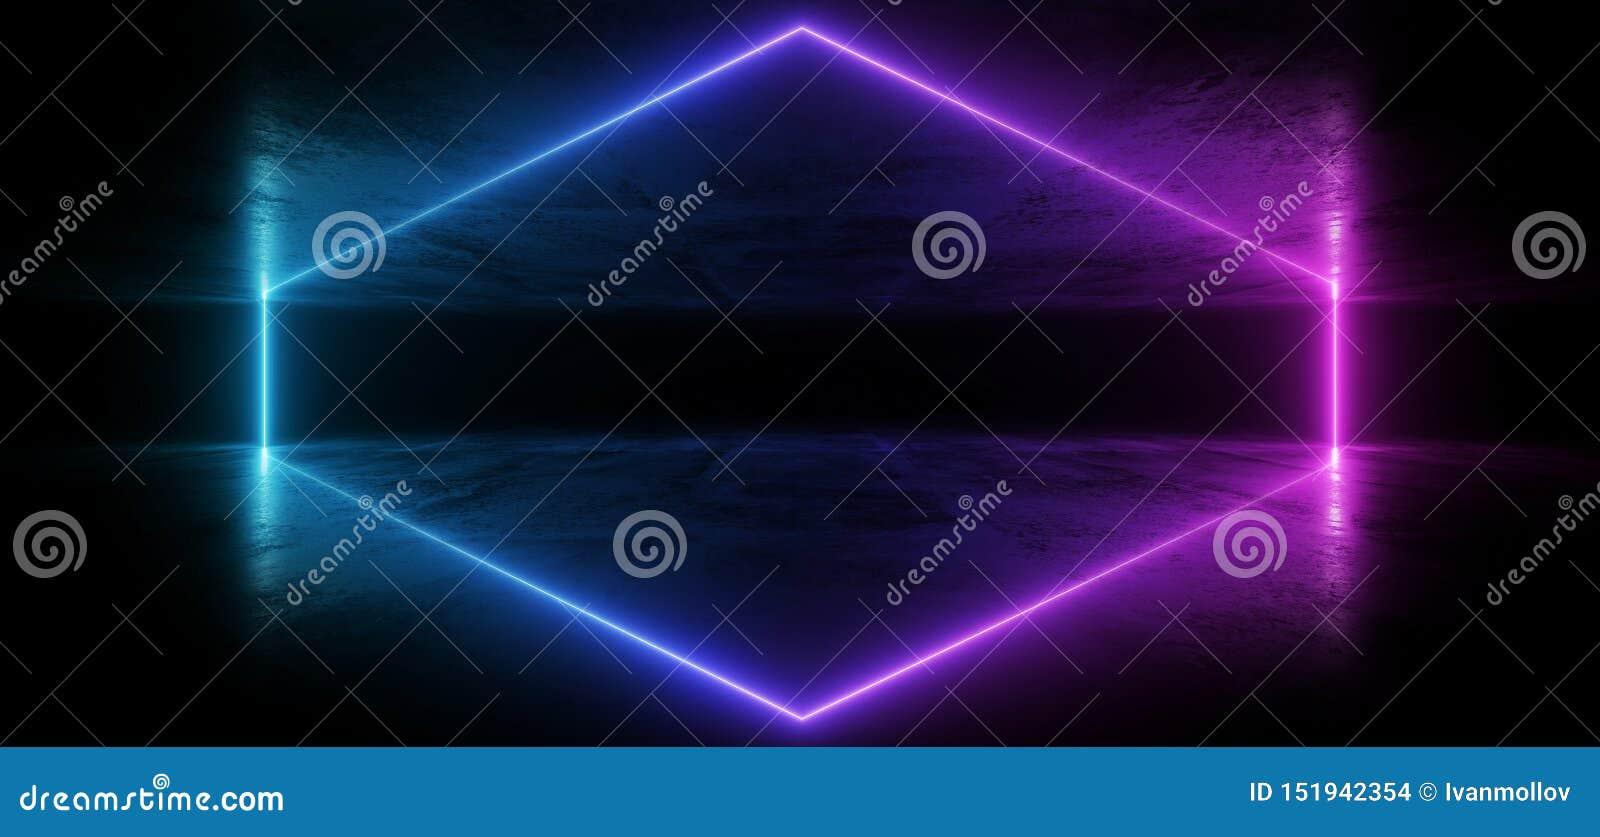 真正霓虹激光发光的紫色蓝色充满活力的展示夜黑暗的空的难看的东西具体形状的光明亮的反射光滑的外籍人